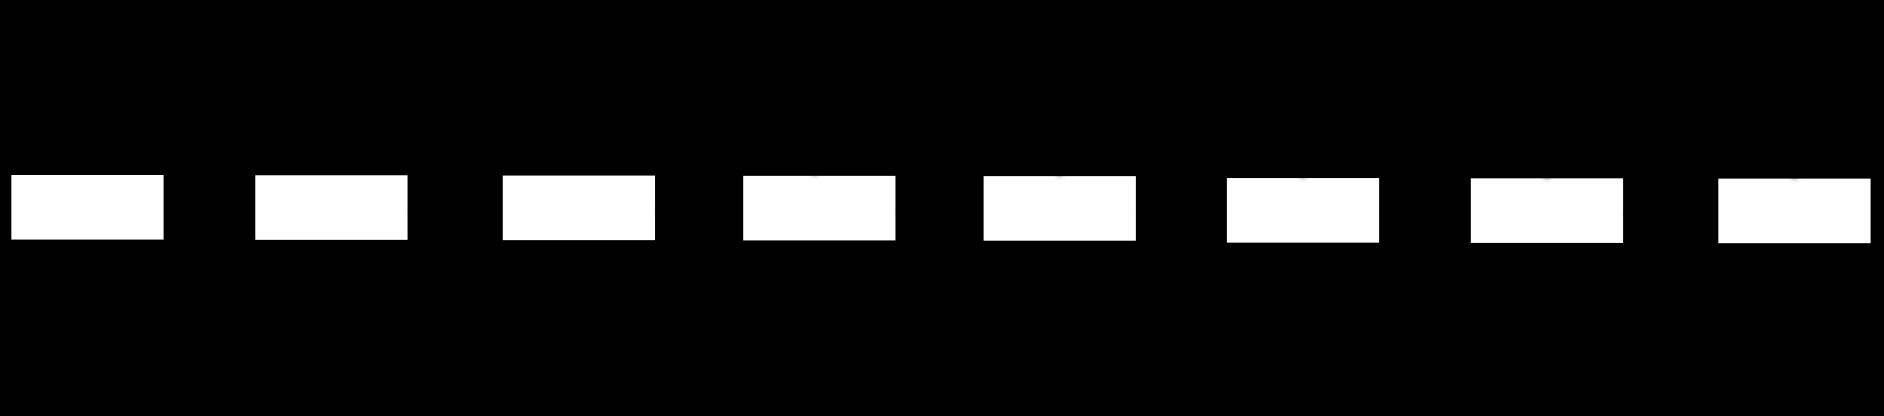 GitHub - huseinzol05/Generate-Text-Using-RNN-Tensorflow: A